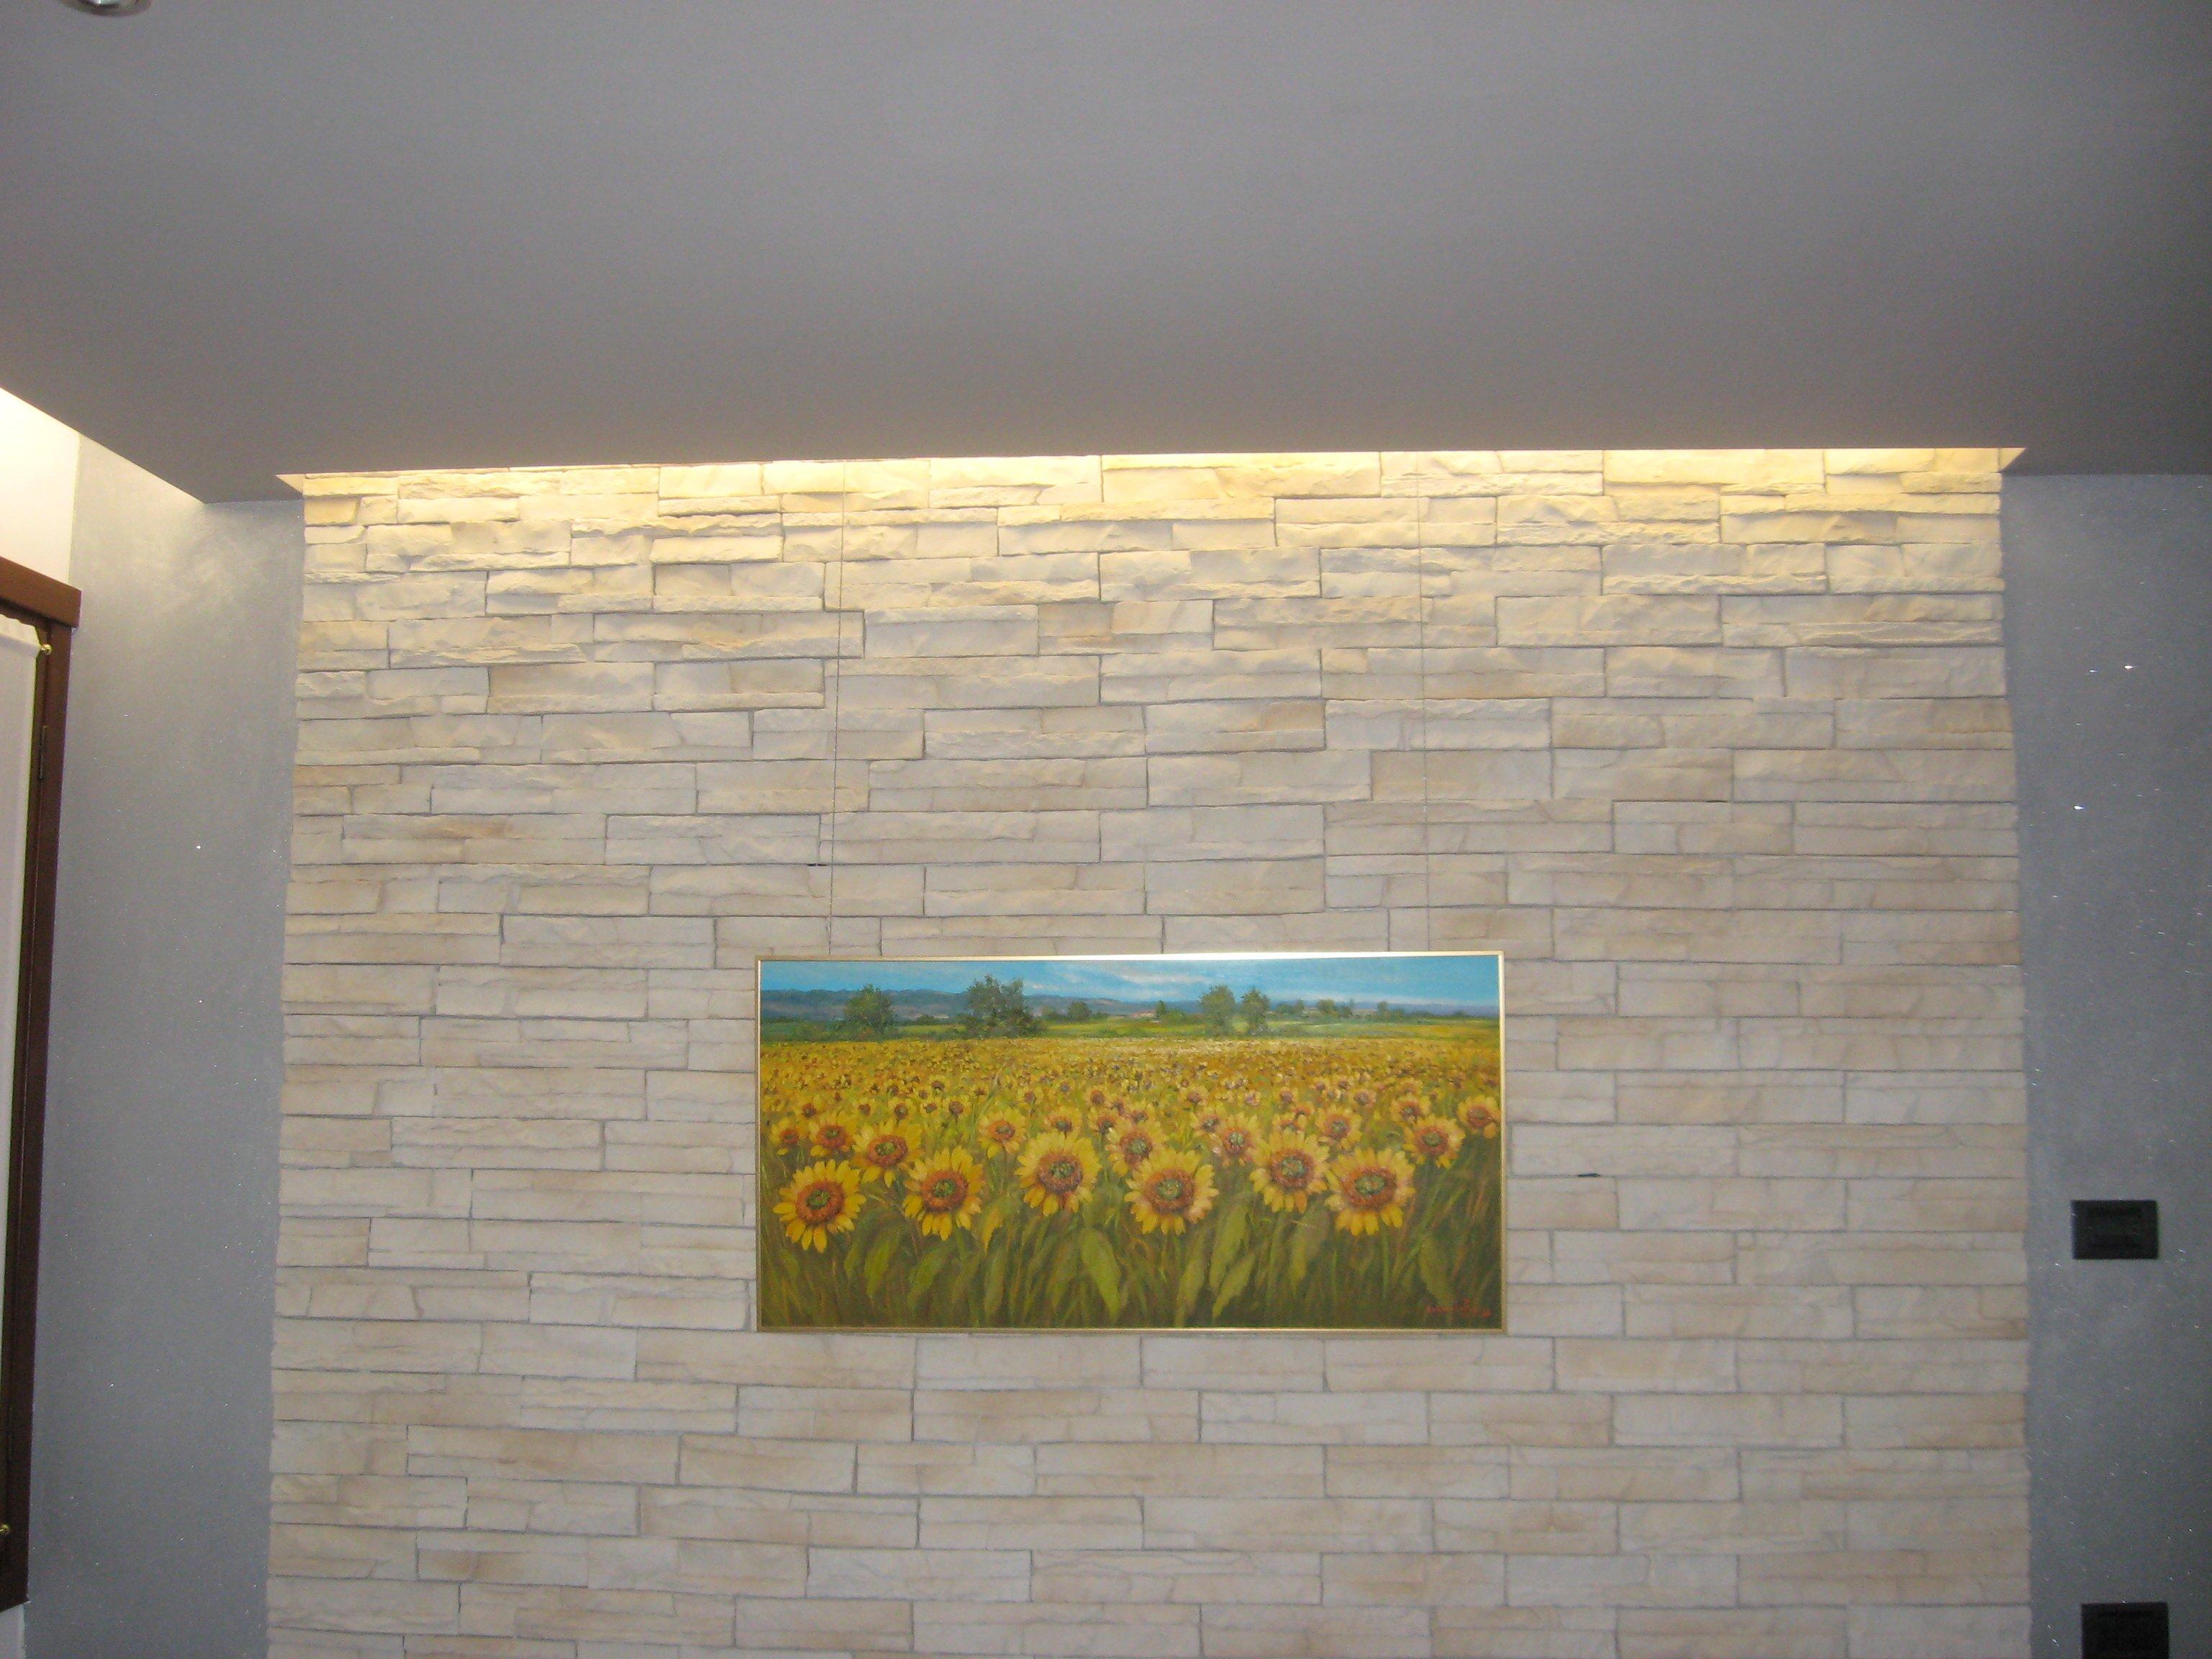 parete con quadro girasoli